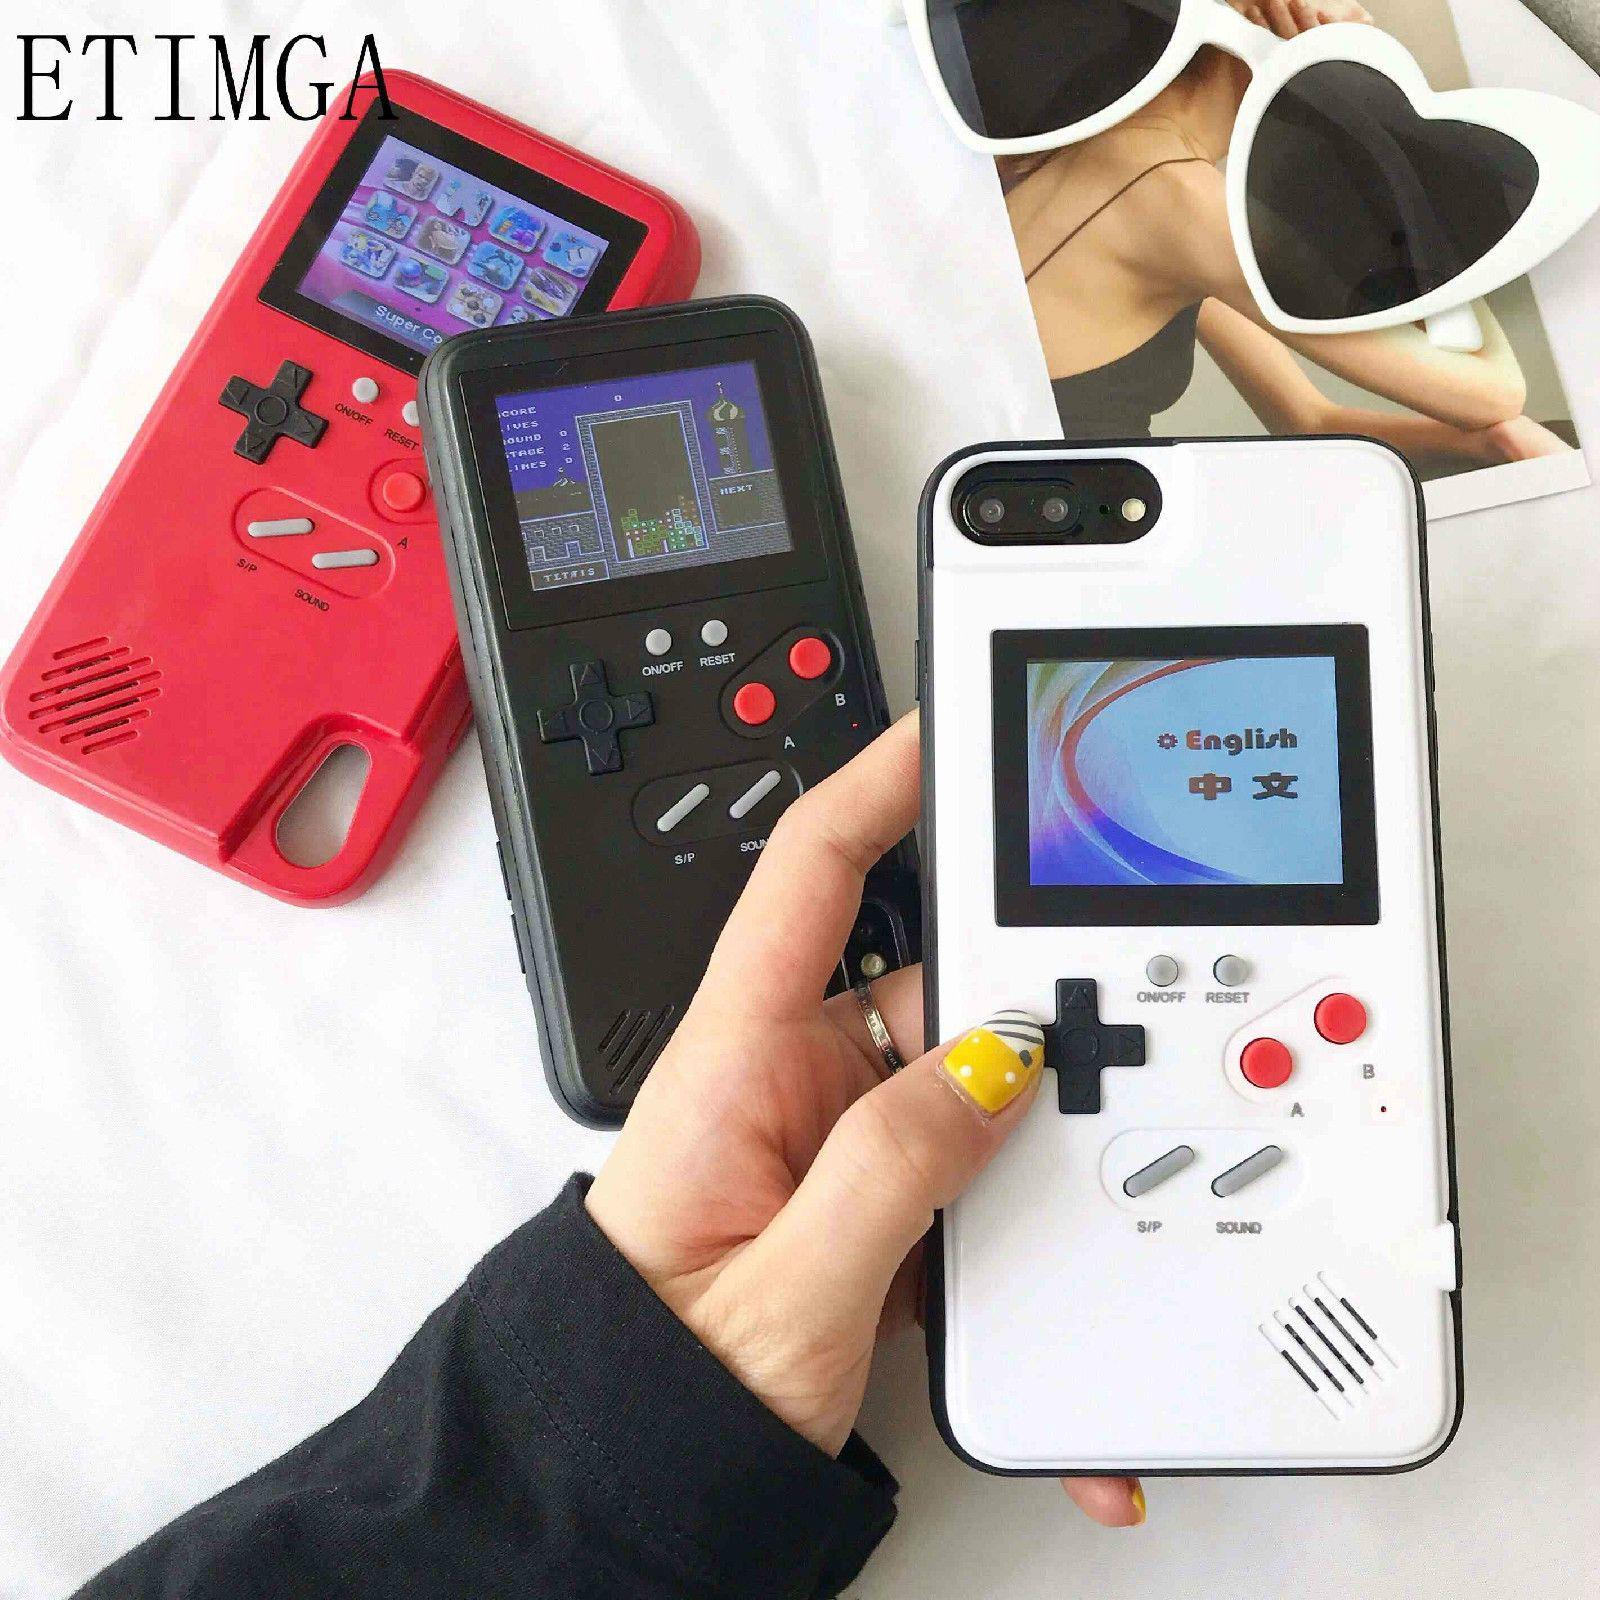 Écran couleur Xs Max coque de téléphone GameBoy pour iphone Xs Max Xr X rétro Tetris jeu couverture arrière pour iphone 8 7 6 6s plus Coques